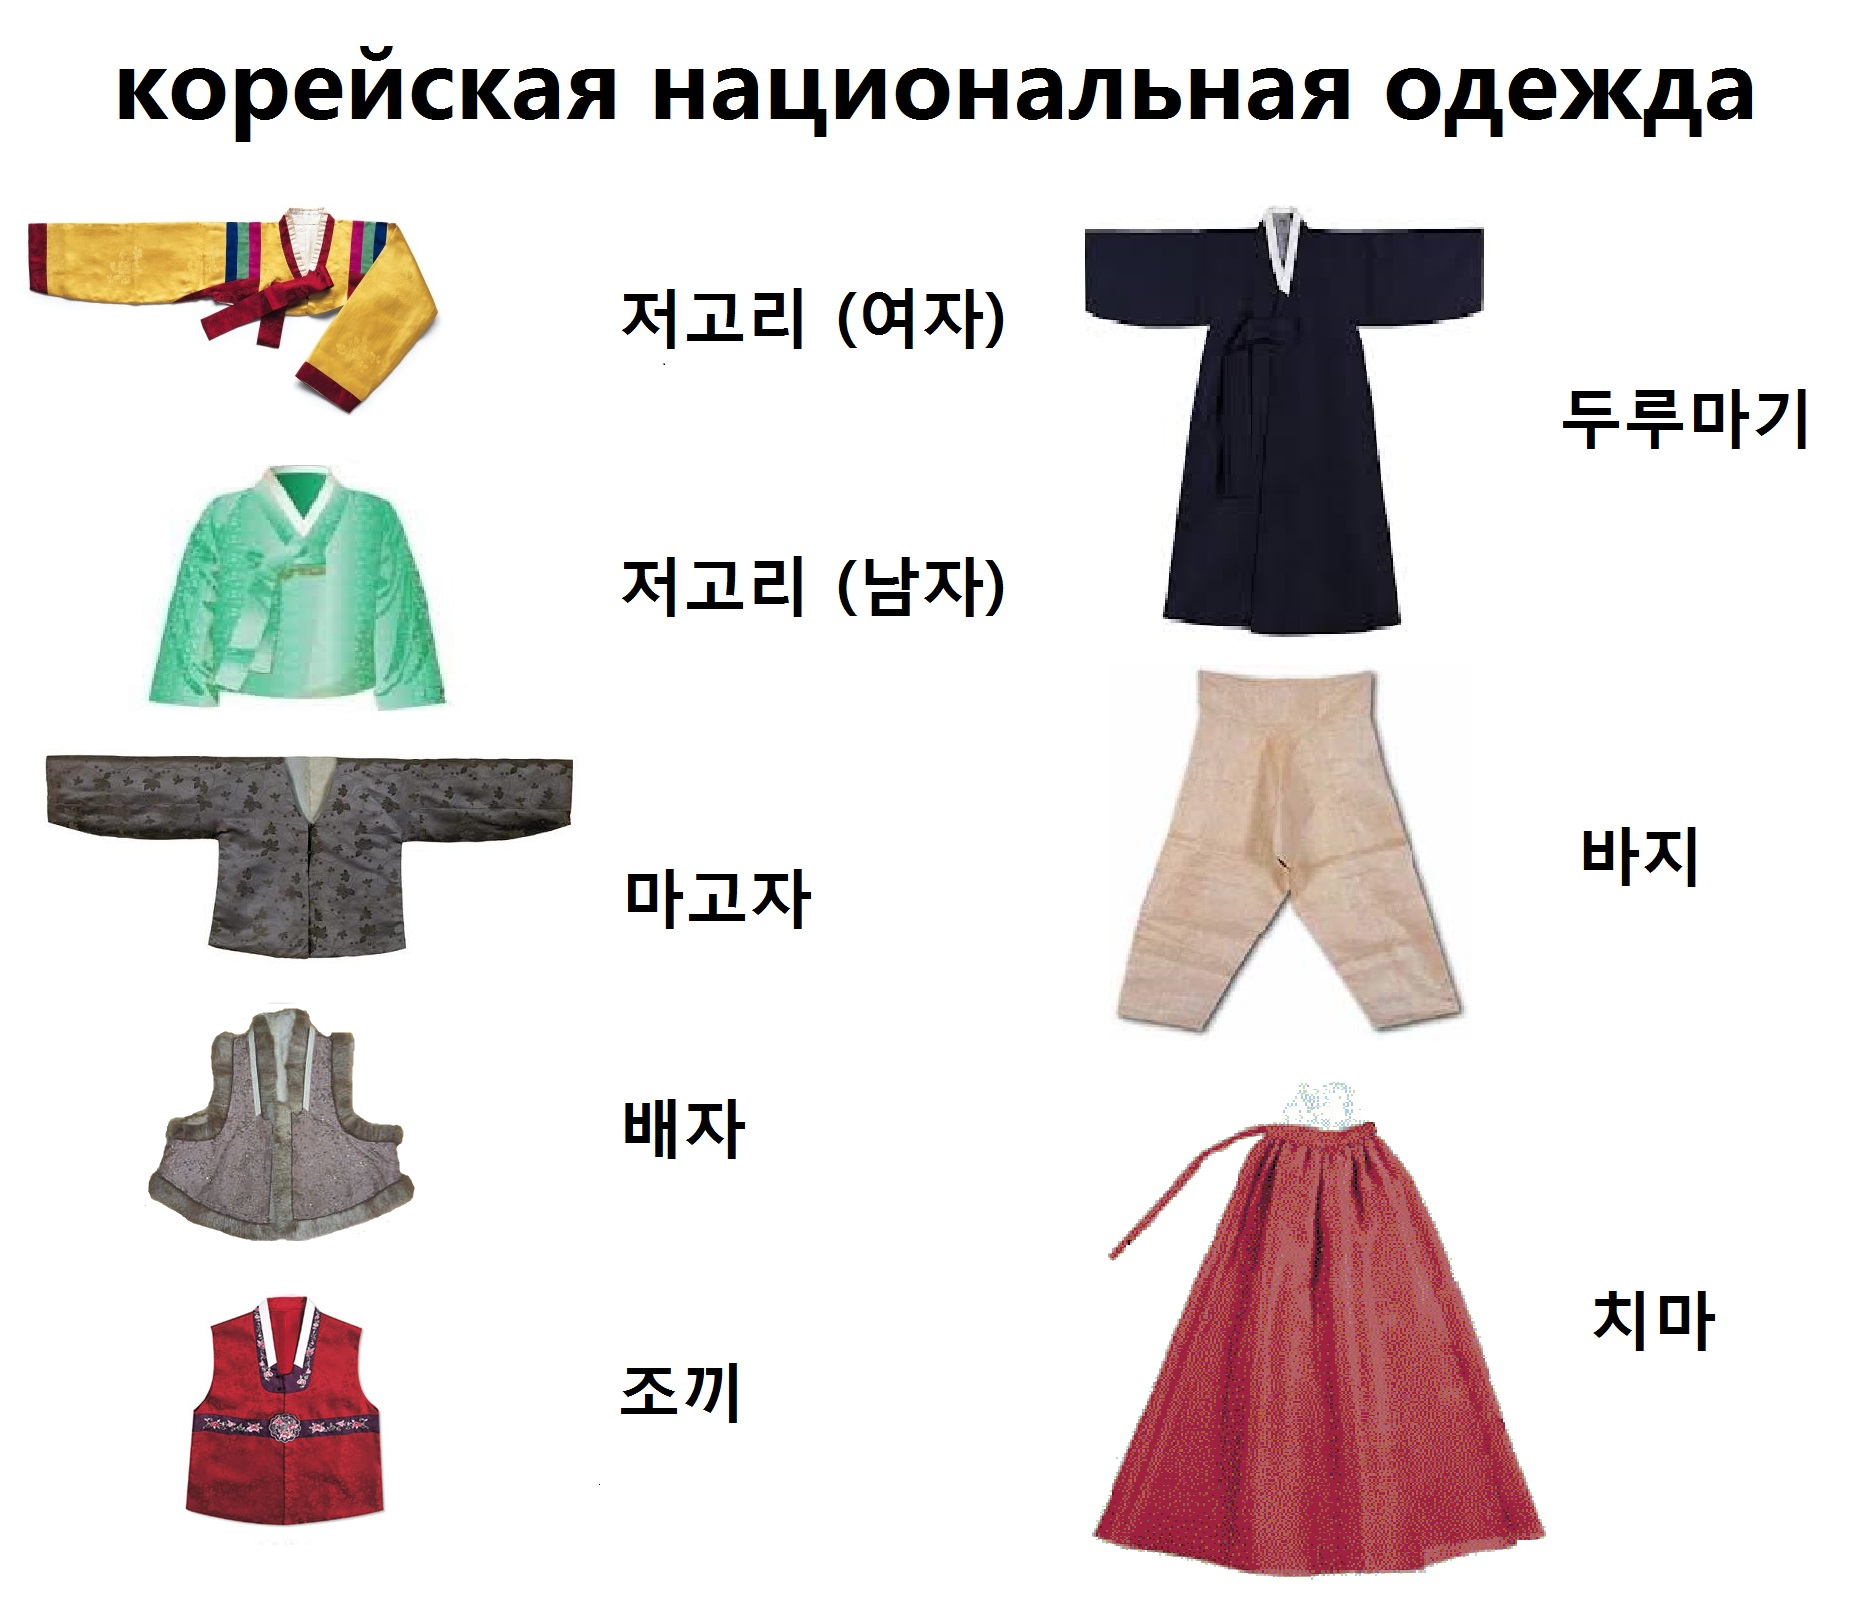 Как сшить корейский костюм 70